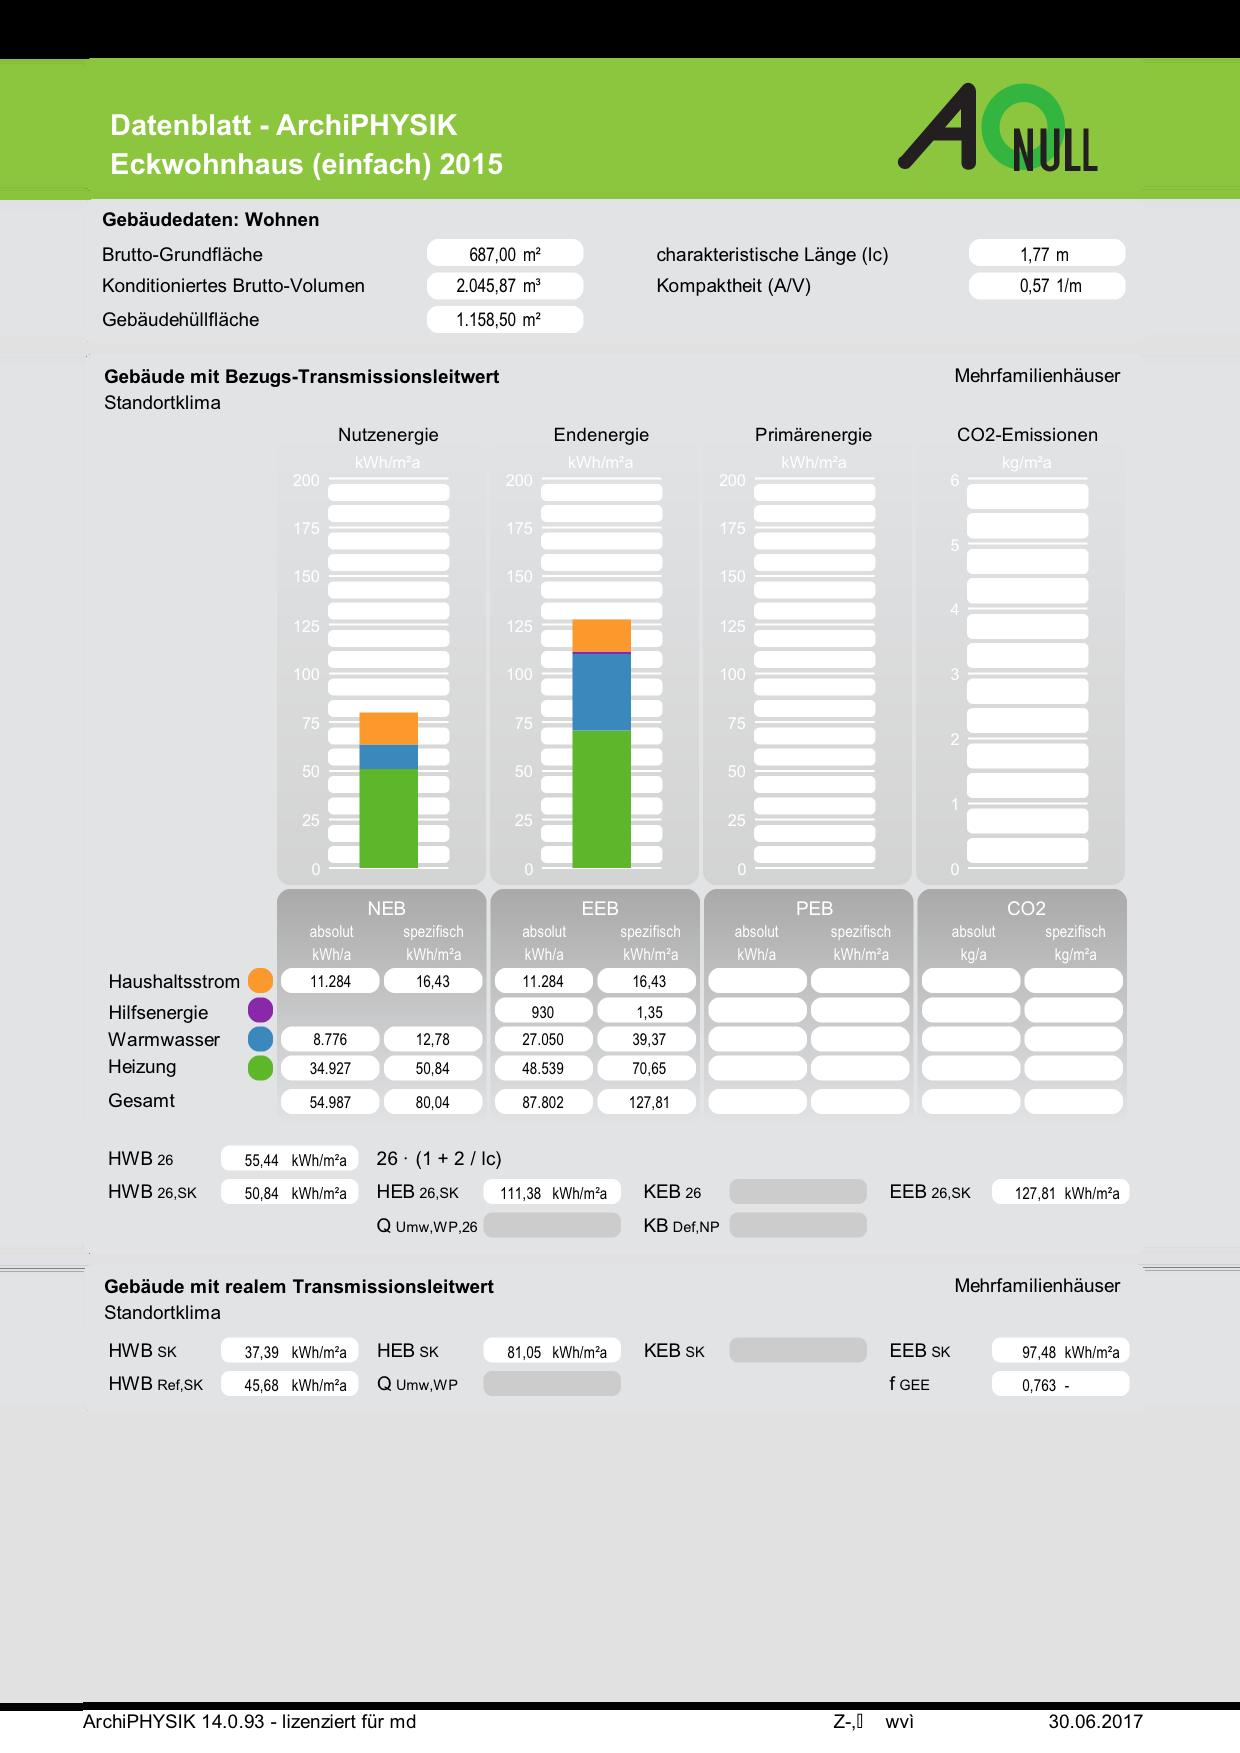 Energieausweis OIB RL6 2015 Wohngebäude Energiebedarf Standortklima 26er Linie